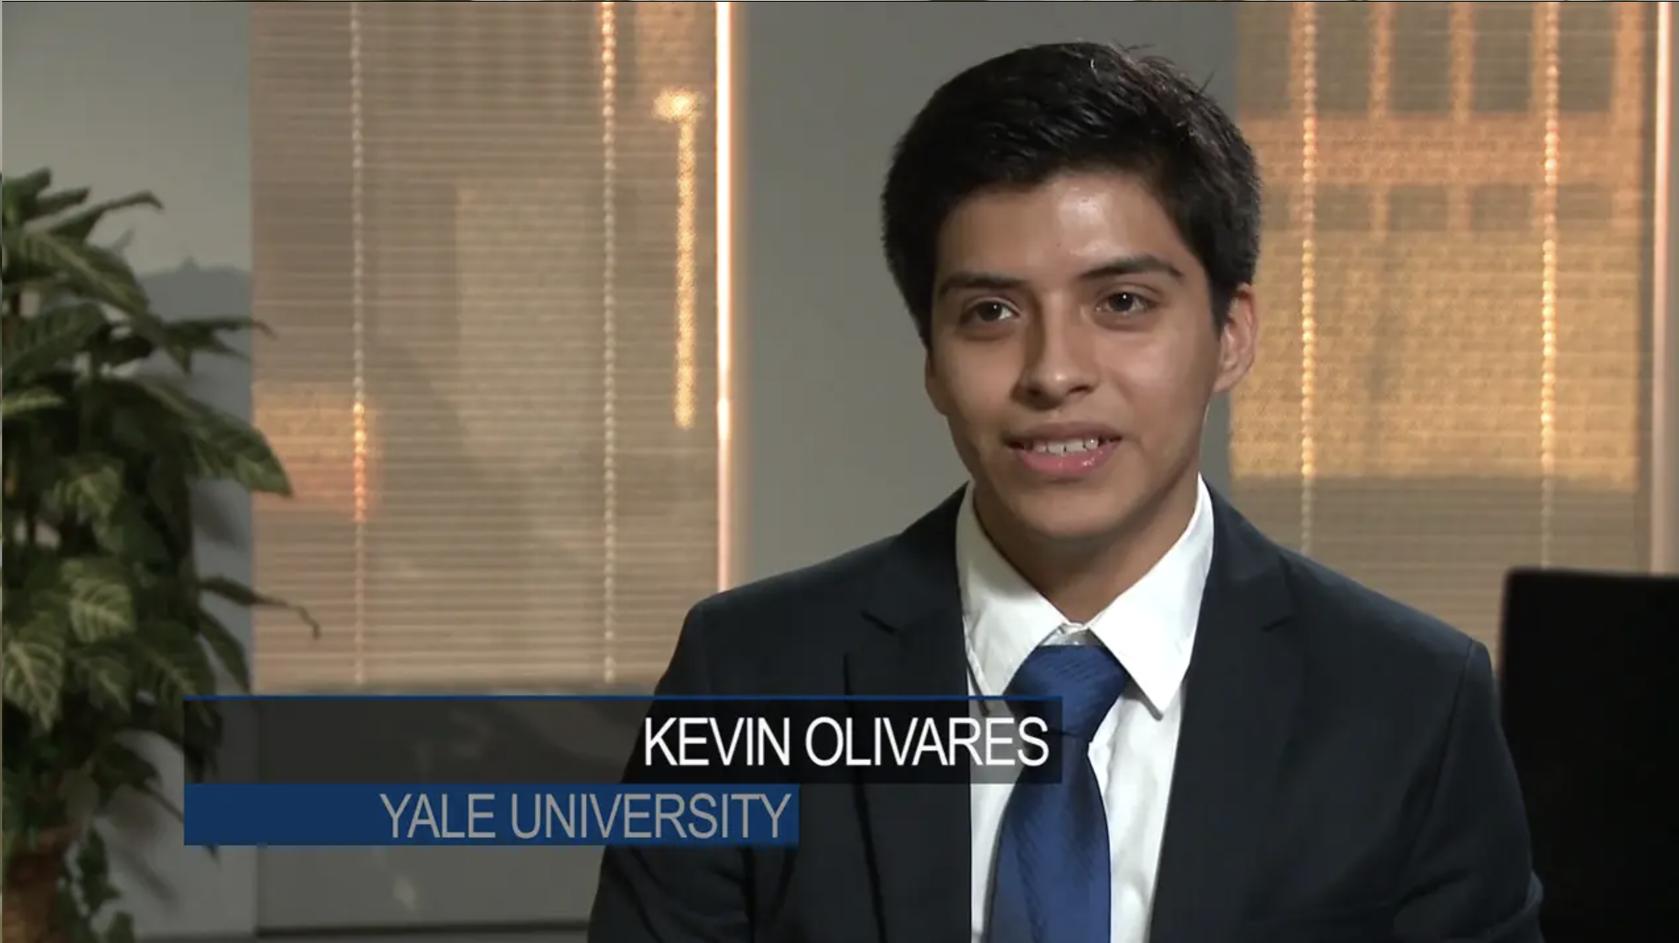 Kevin Olivares ('16), Yale University